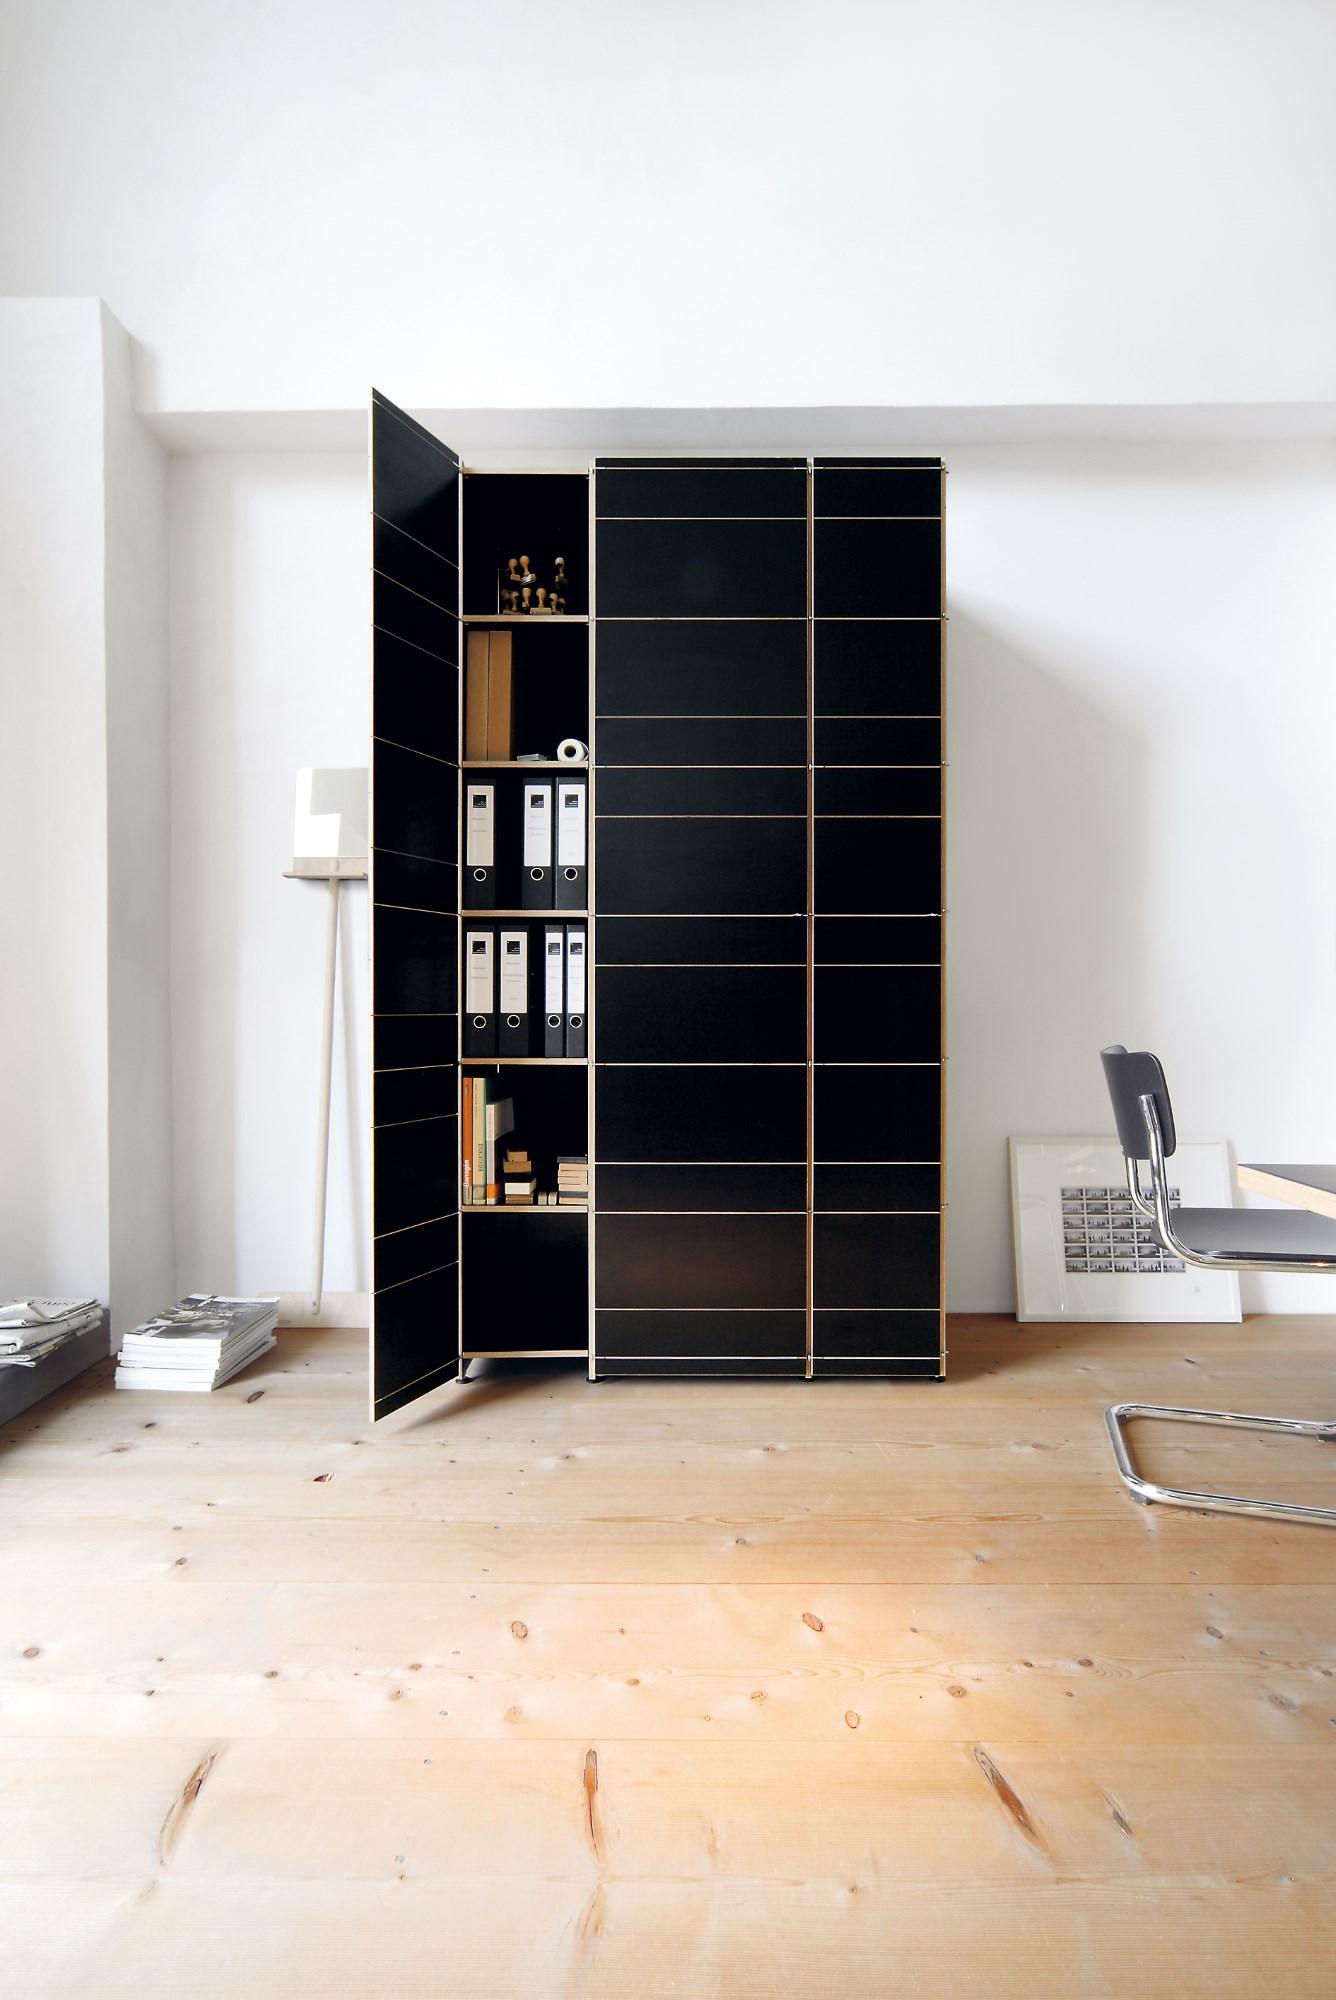 K1 Cabinet Nils Holger Moormann